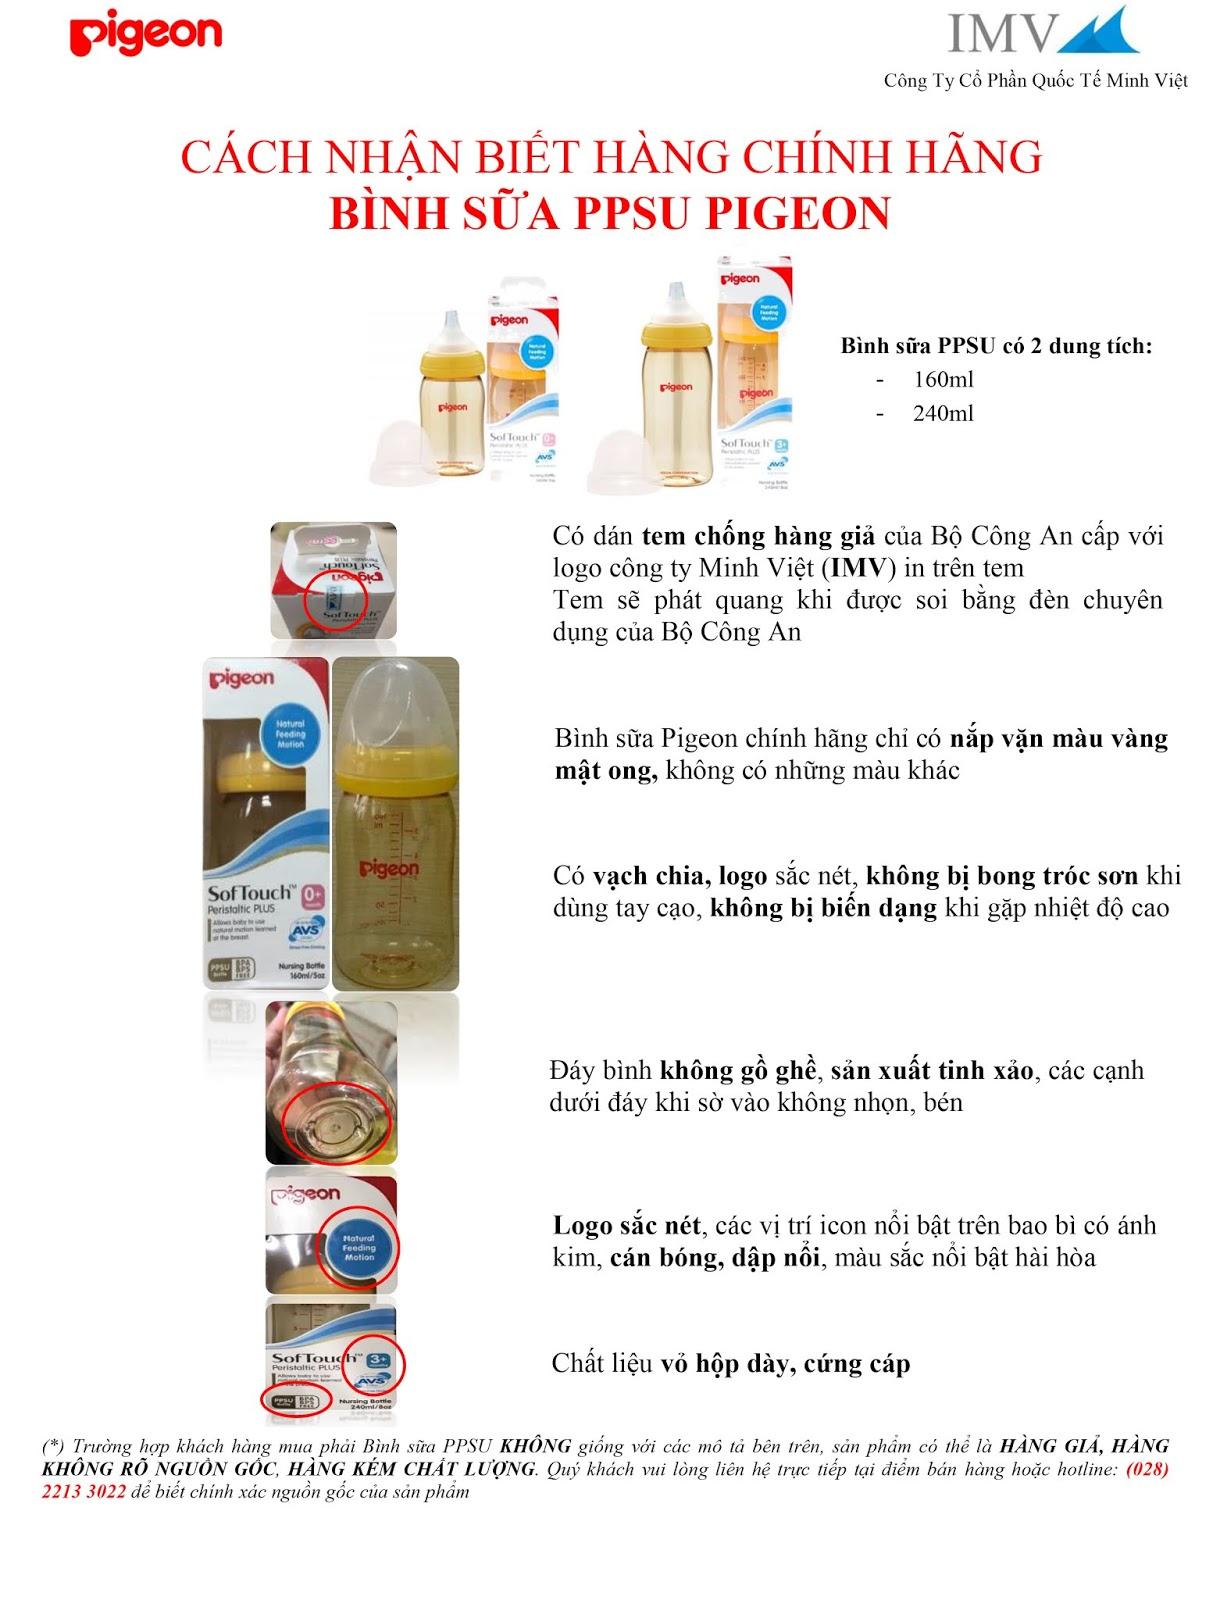 Cách nhận biết hàng chính hãng bình sữa PPSU Pigeon